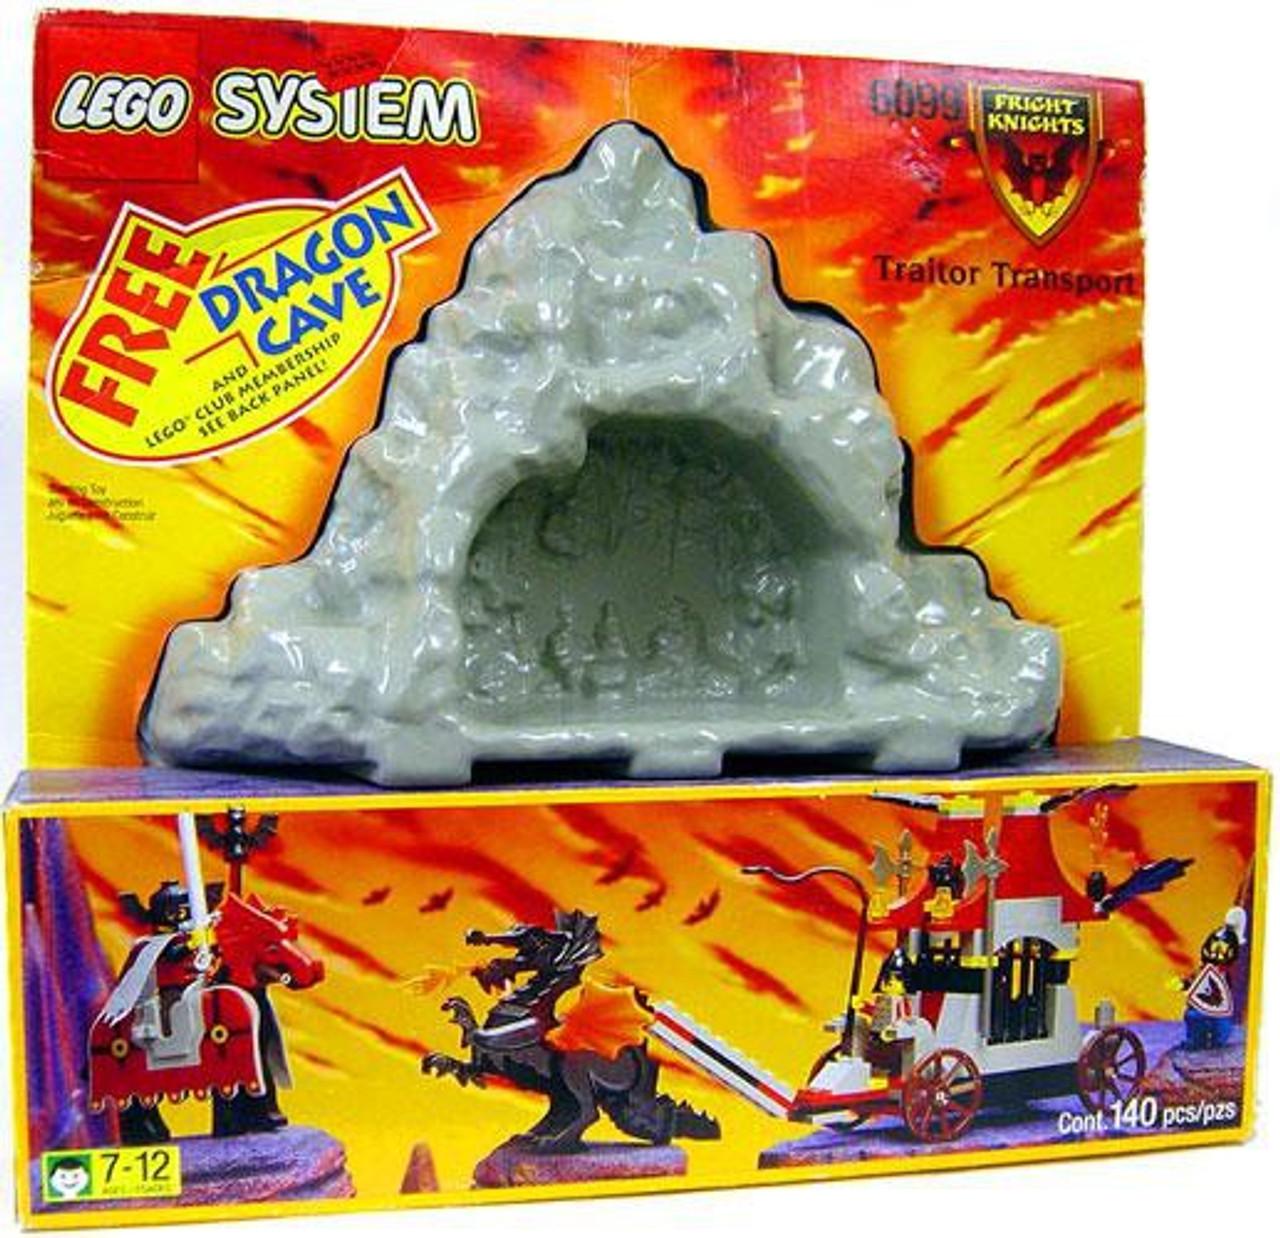 Lego Castle Traitor Transport Set 6099 Toywiz